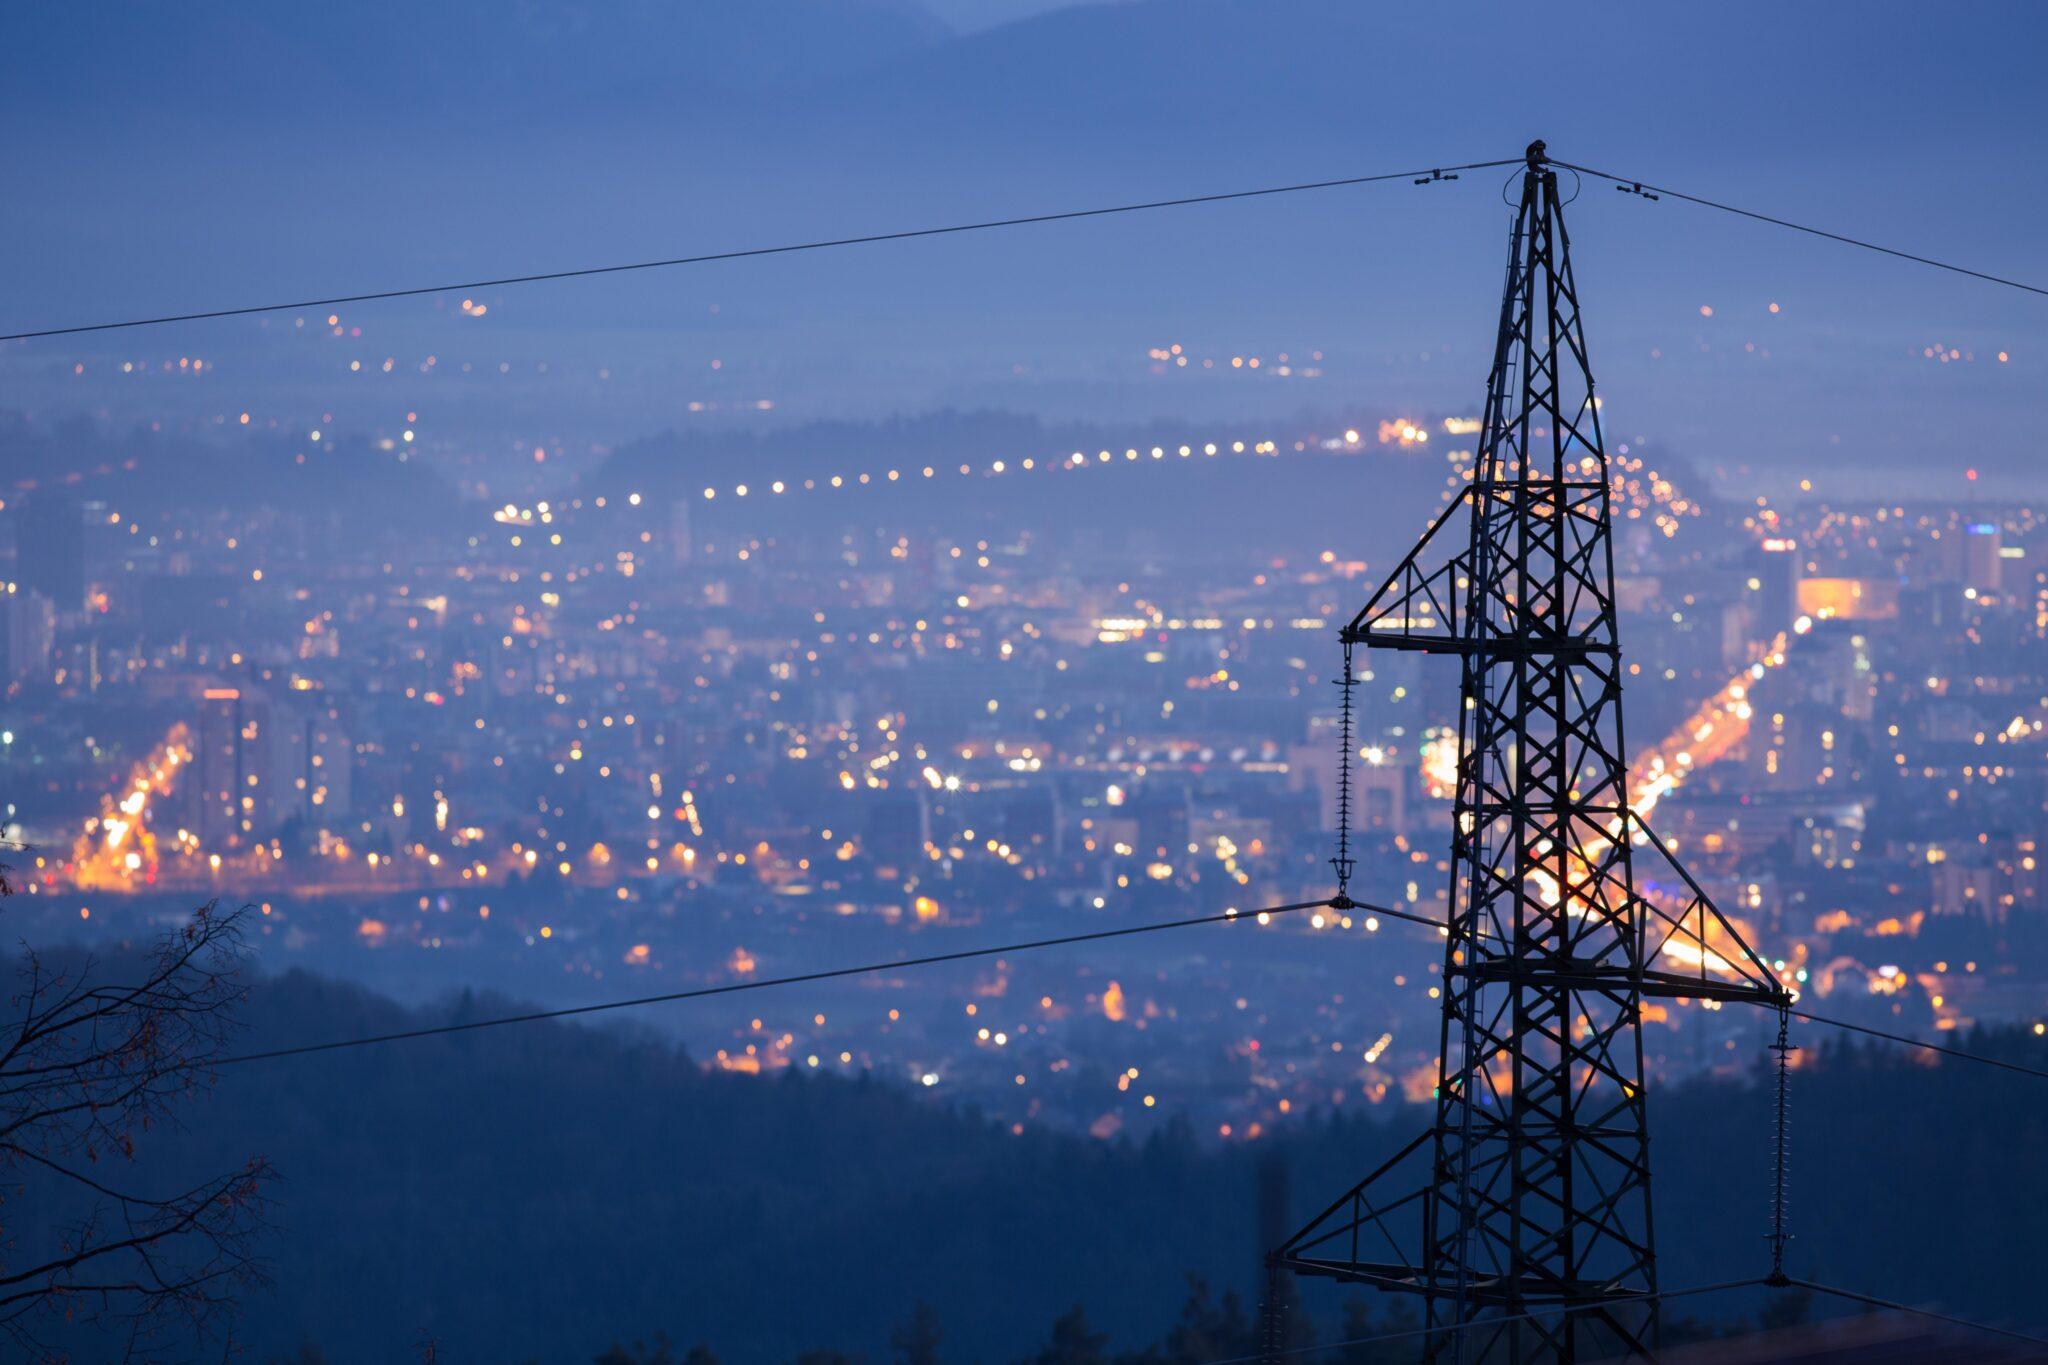 Nuon-zakelijk - energie over de stad